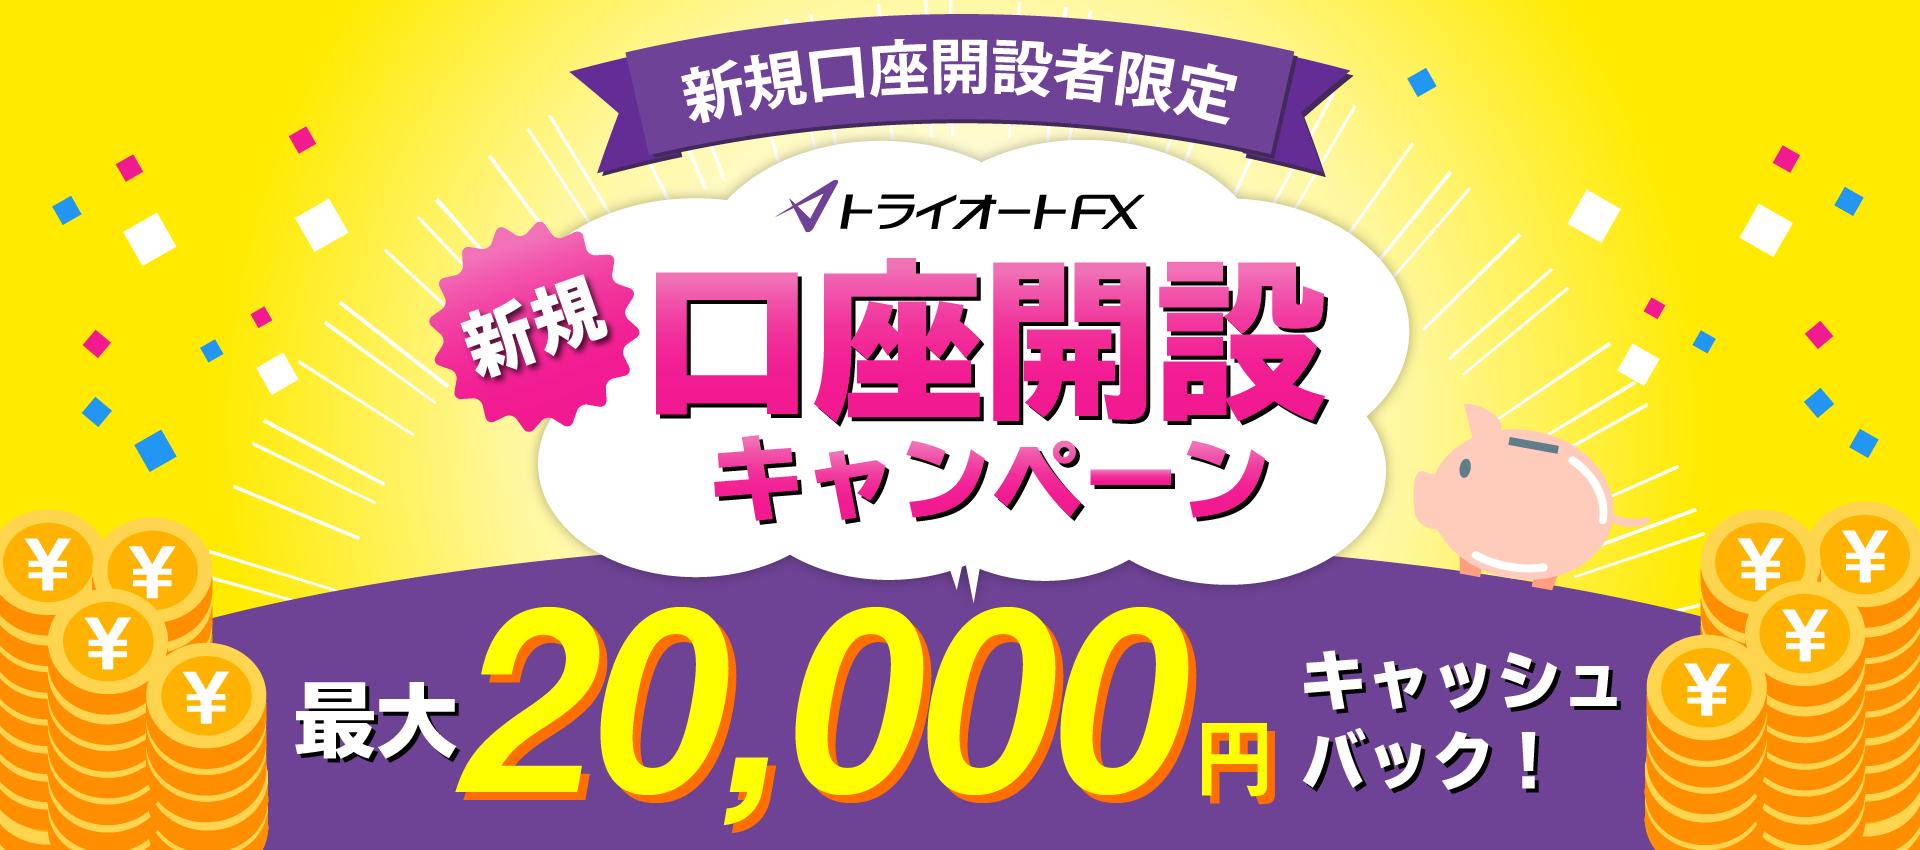 トライオートFX新規口座開設キャンペーン 最大20,000円キャッシュバック!